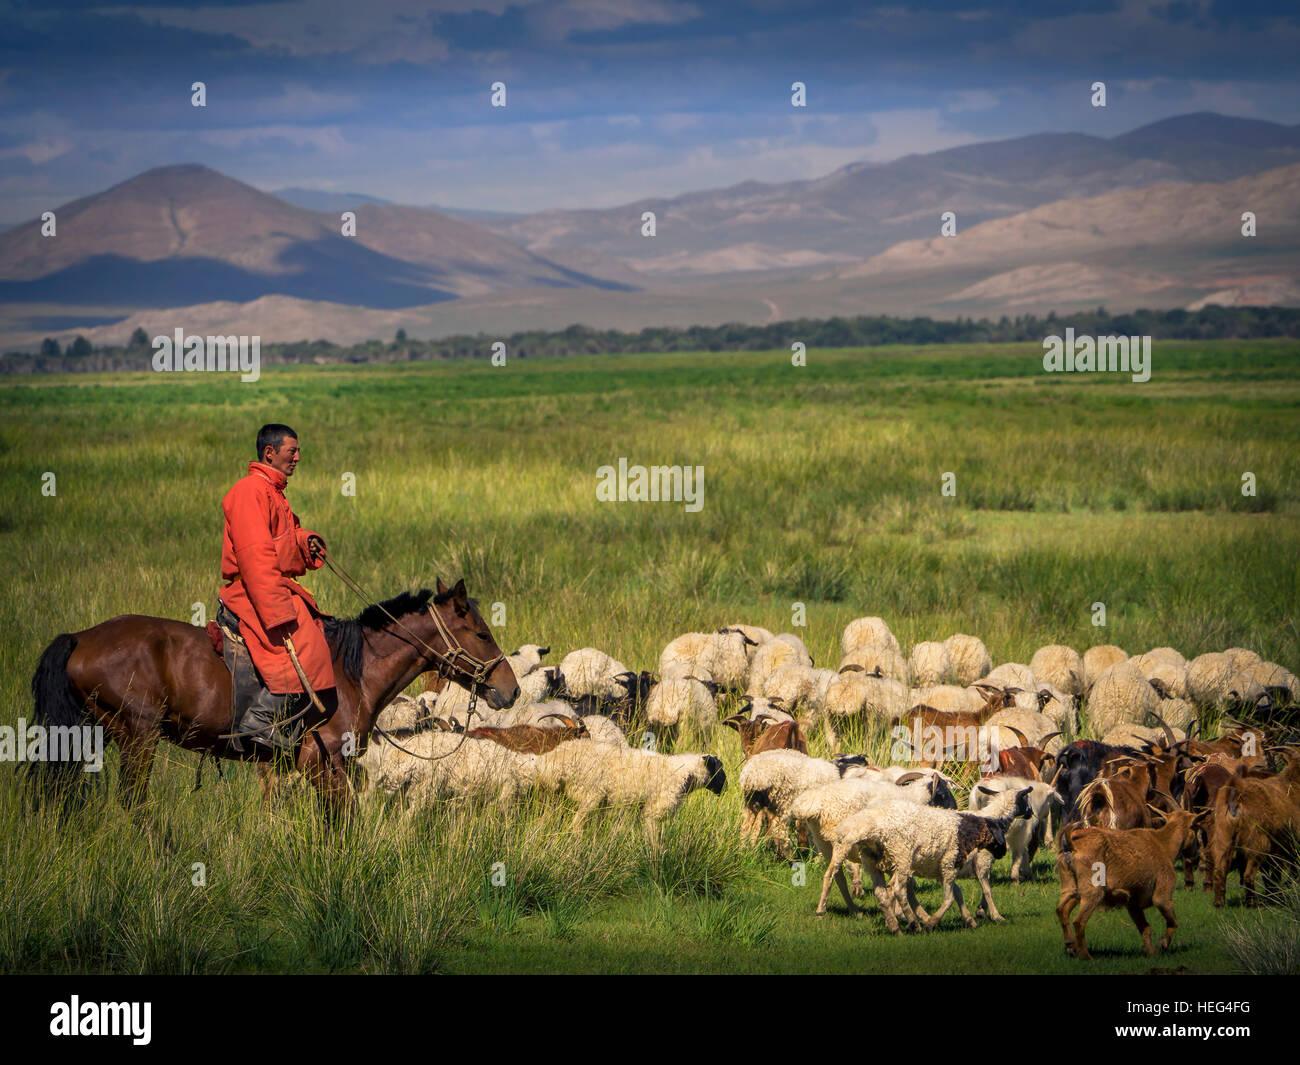 Nomad, cavalier au cheval avec les chèvres et les moutons, la Mongolie Photo Stock